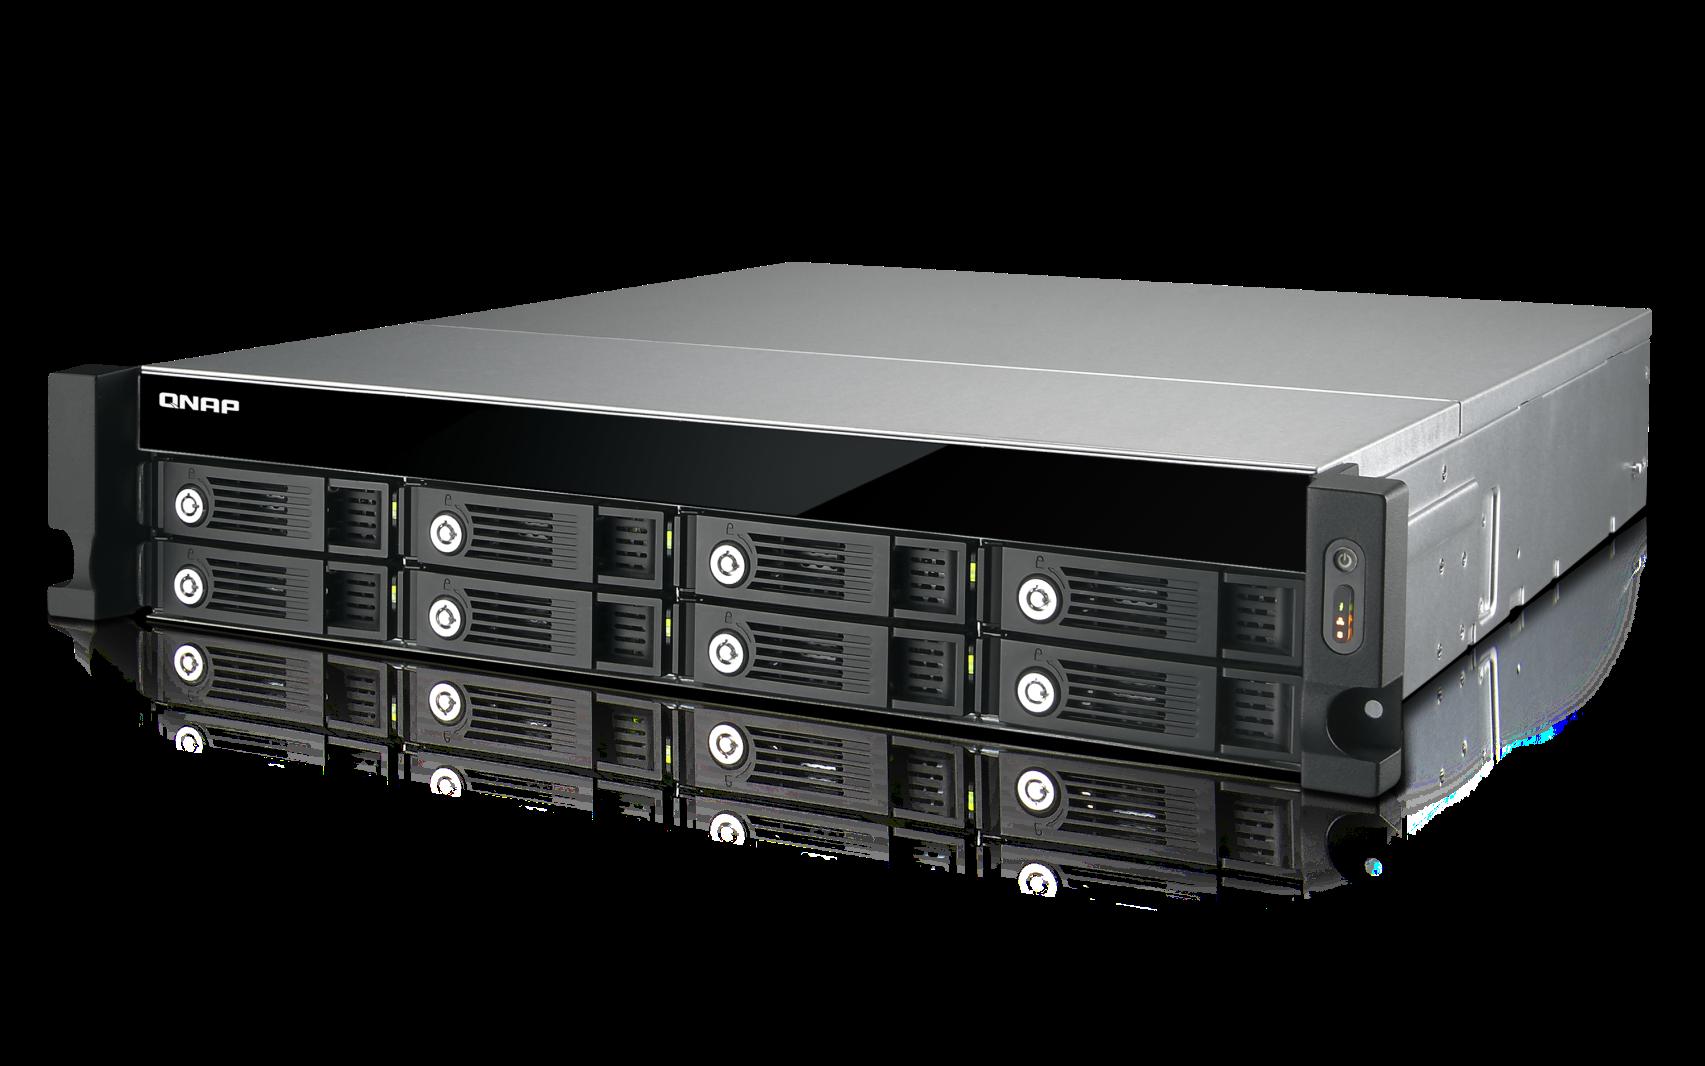 QNAP TS-853U-RP (2,41G/4GB RAM/8xSATA)